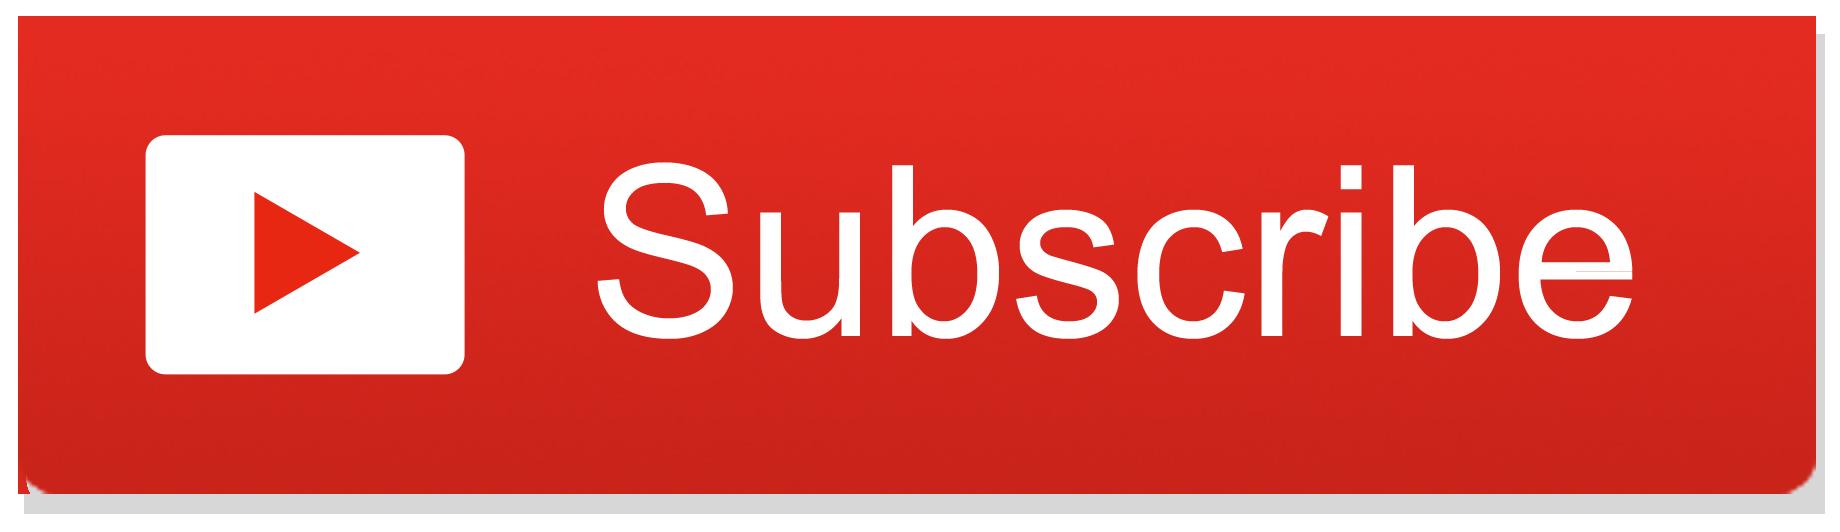 SubscribeButton.jpg